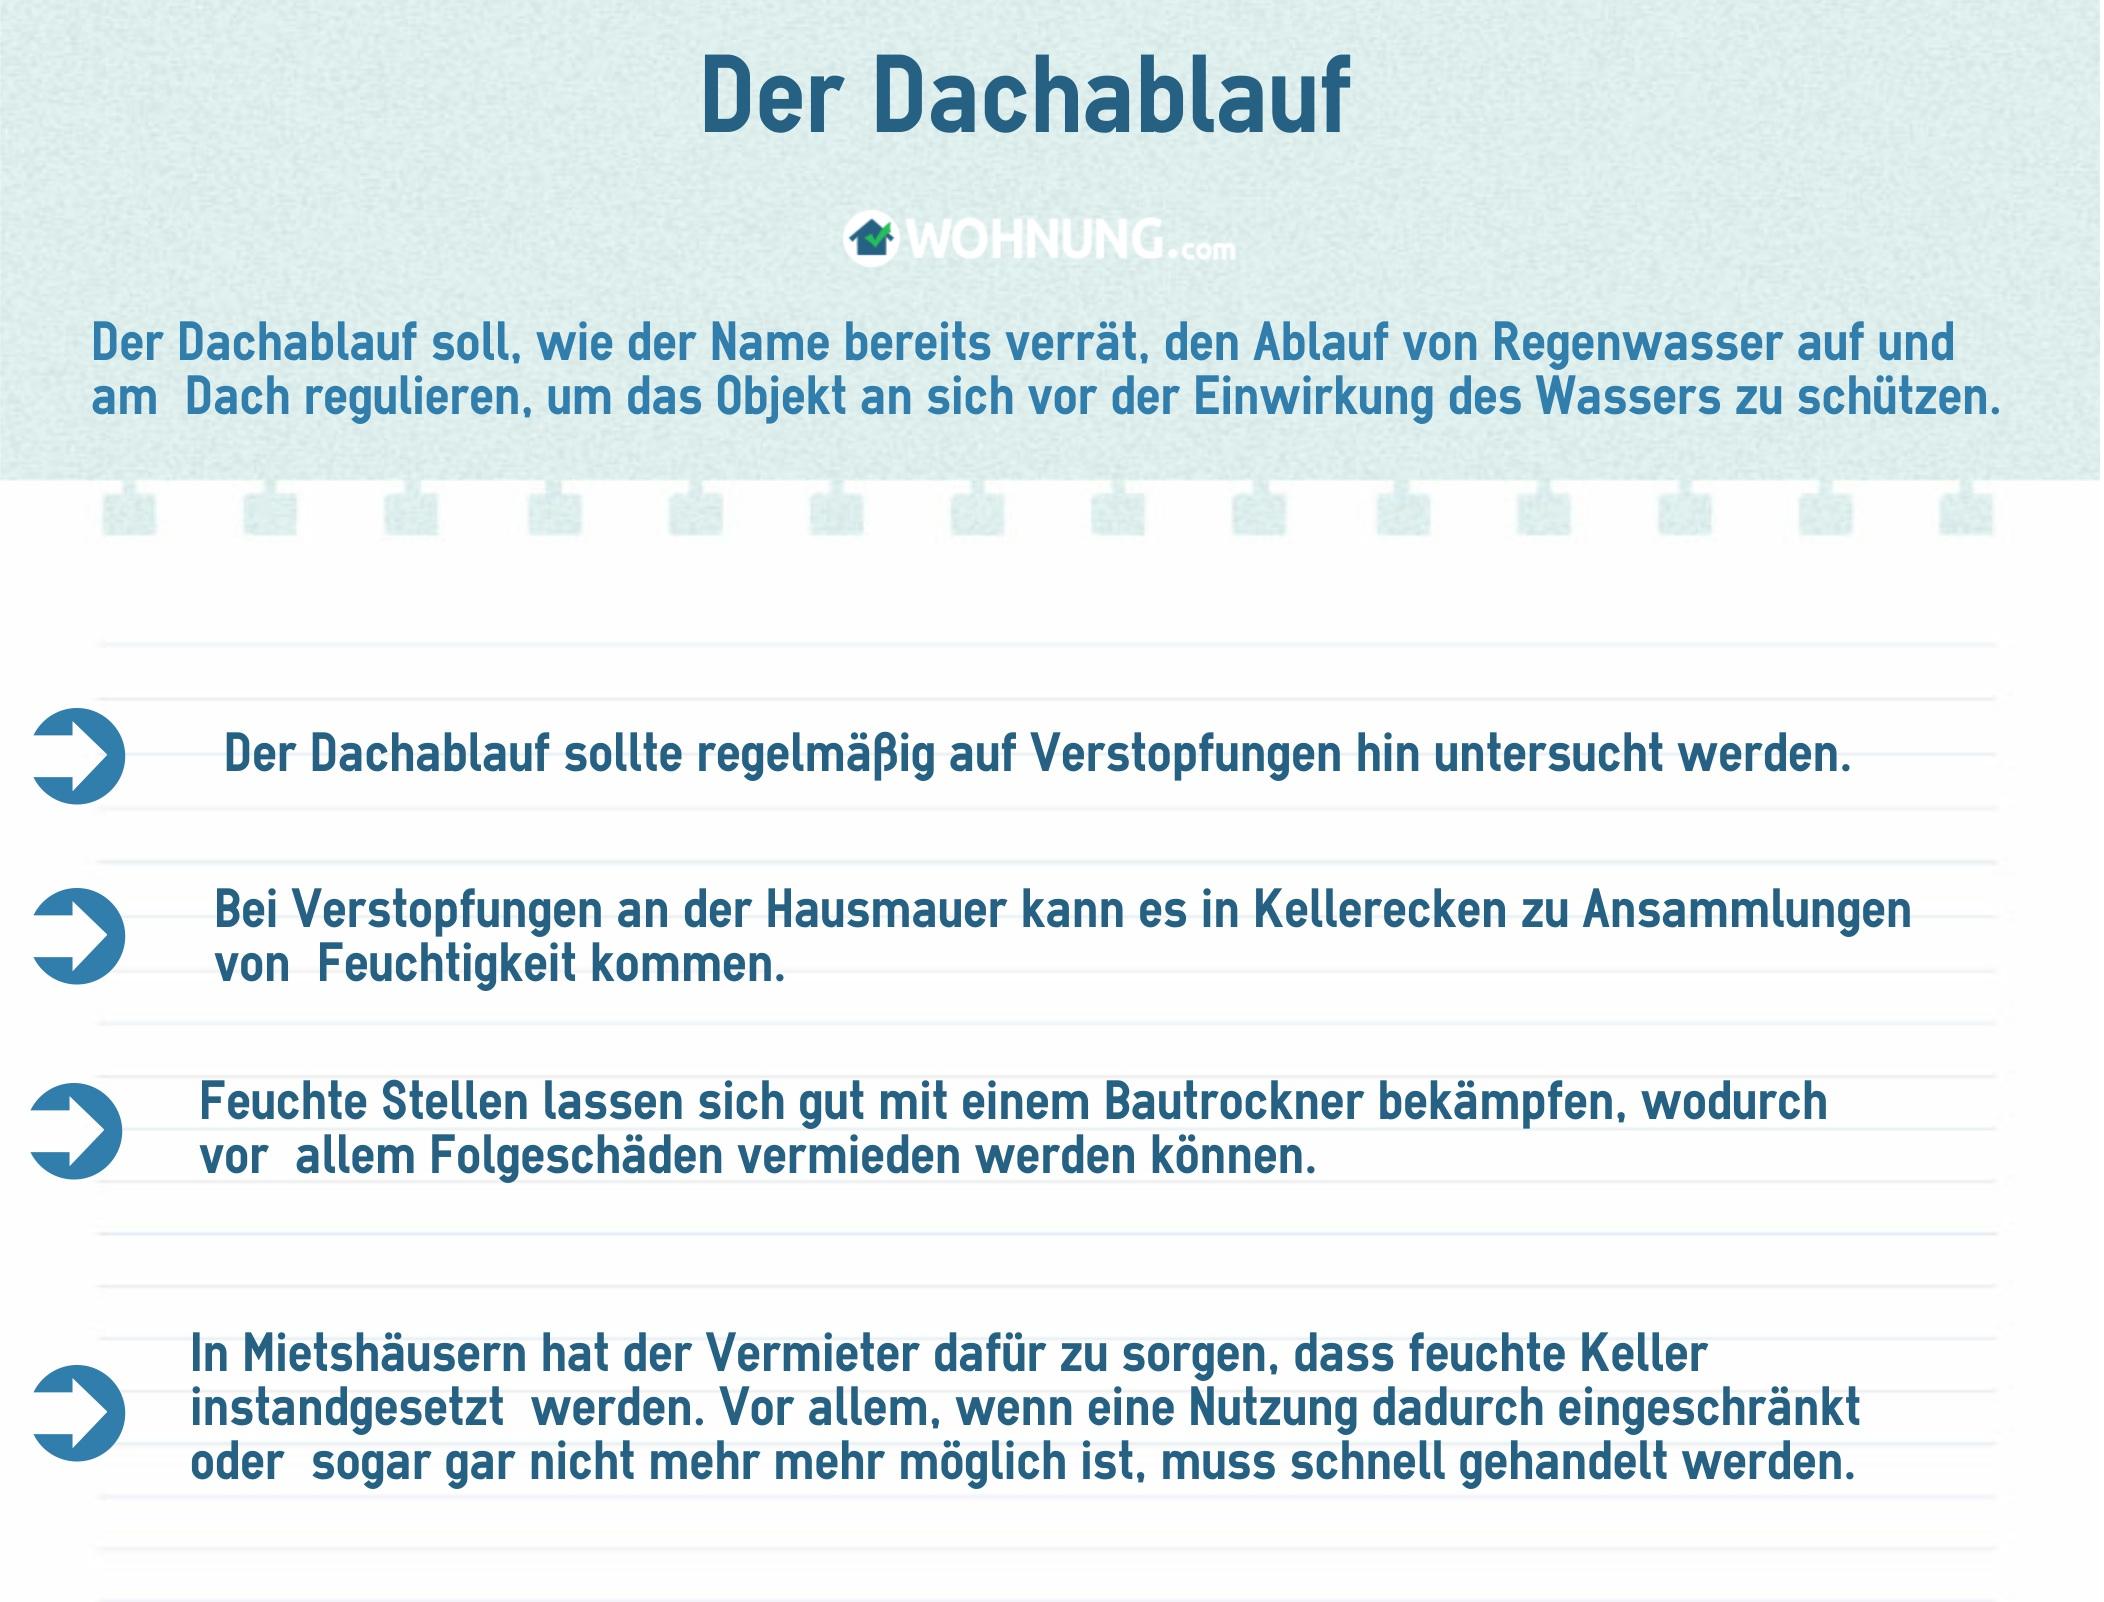 KellerFeuchtigkeitDachablauf